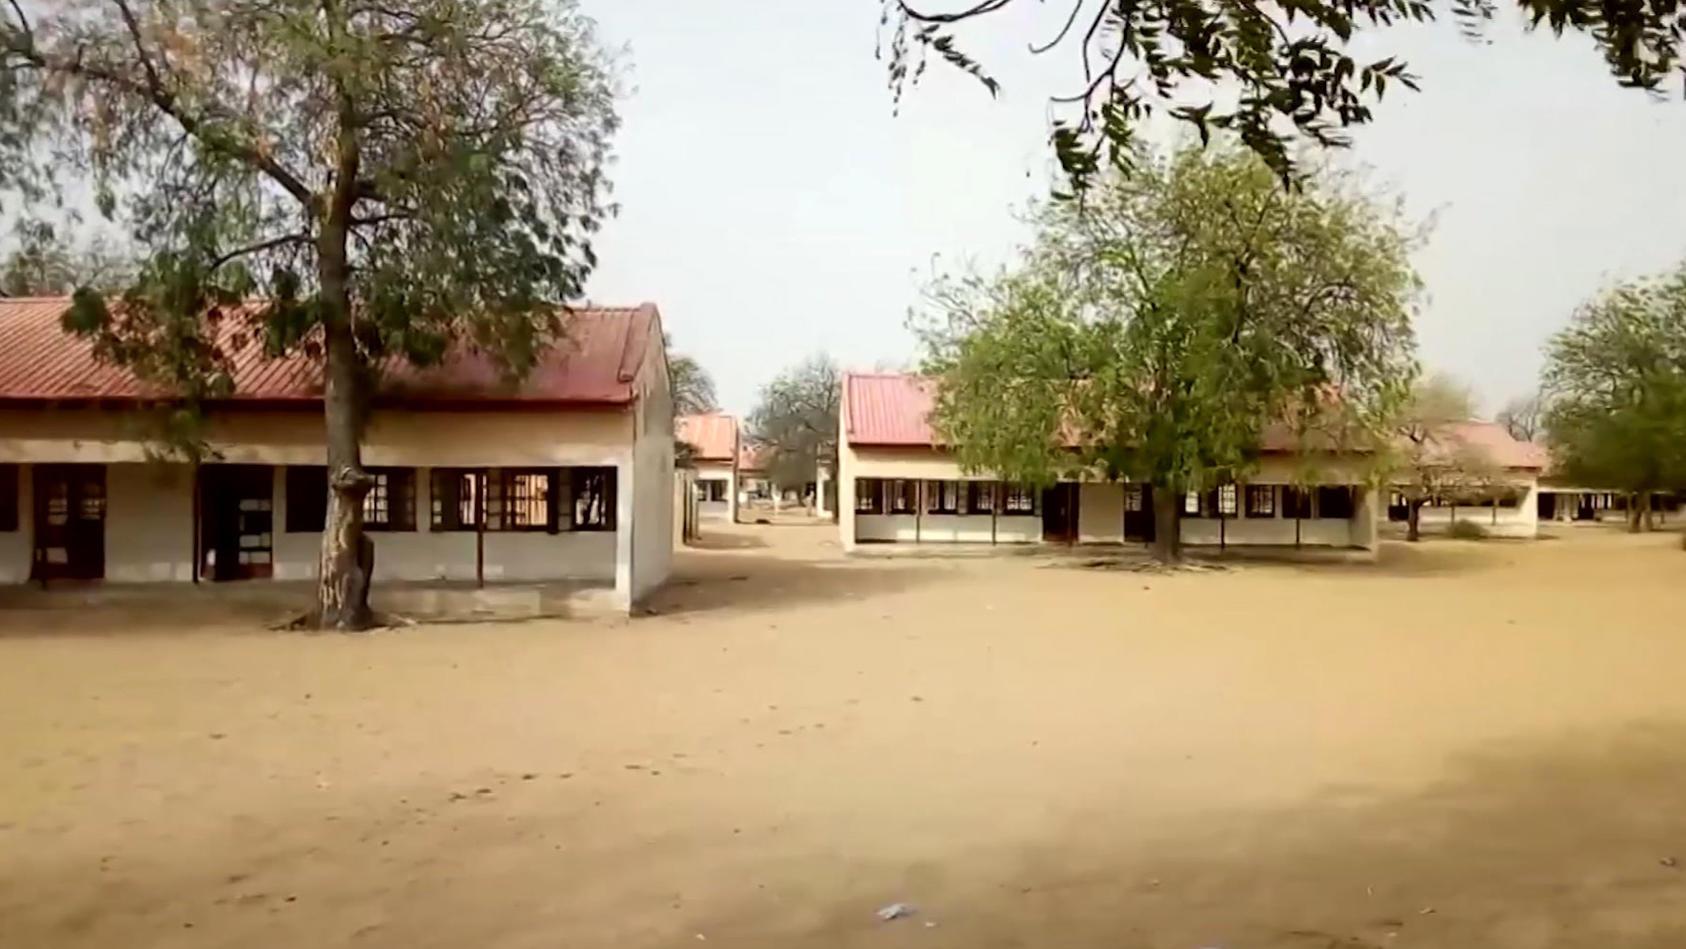 110 Schülerinnen wurden aus dieser Schule entführt, nun wurden sie zurückgebracht.